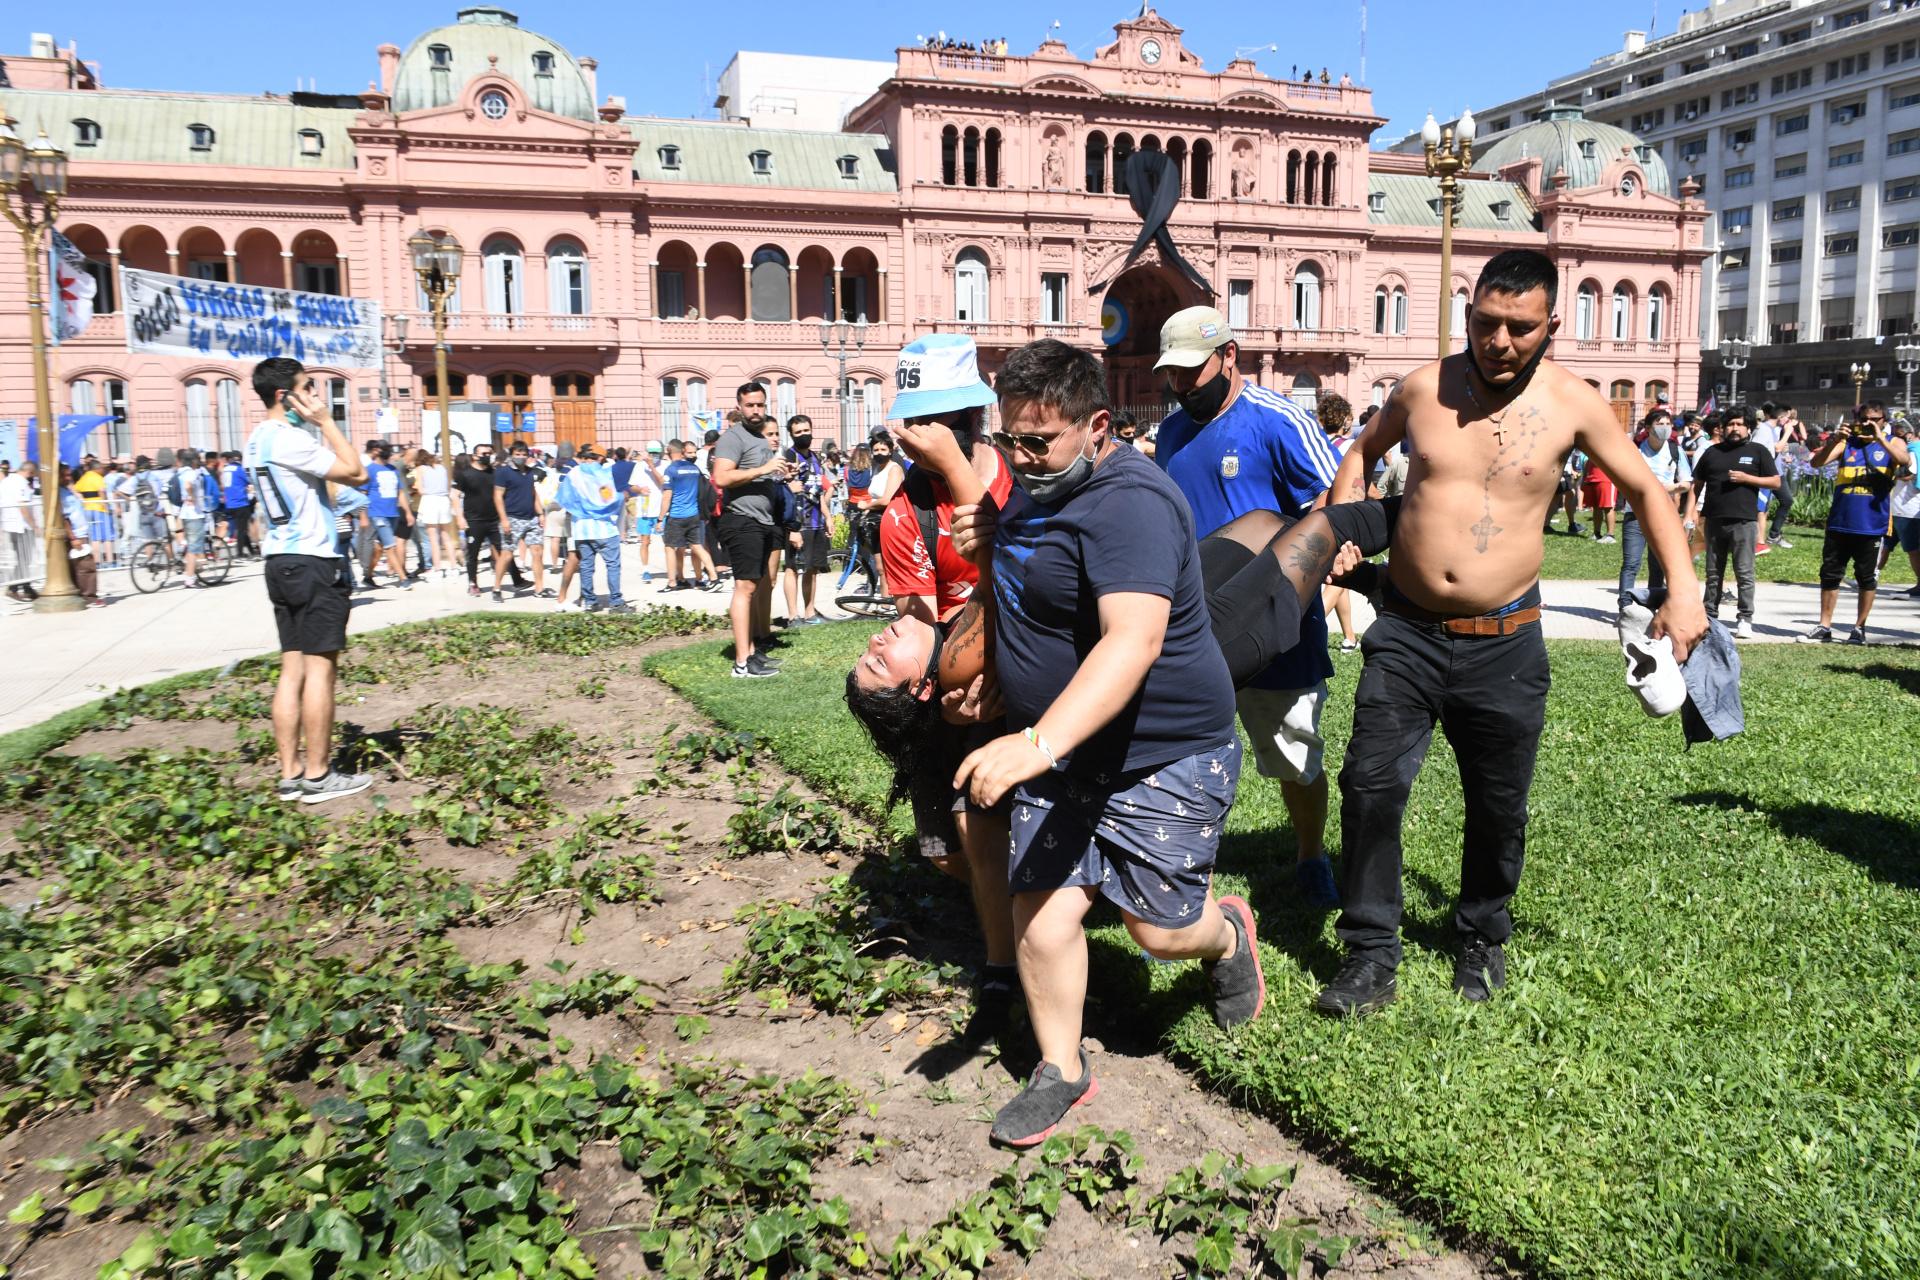 Corridas en Plaza de mayo